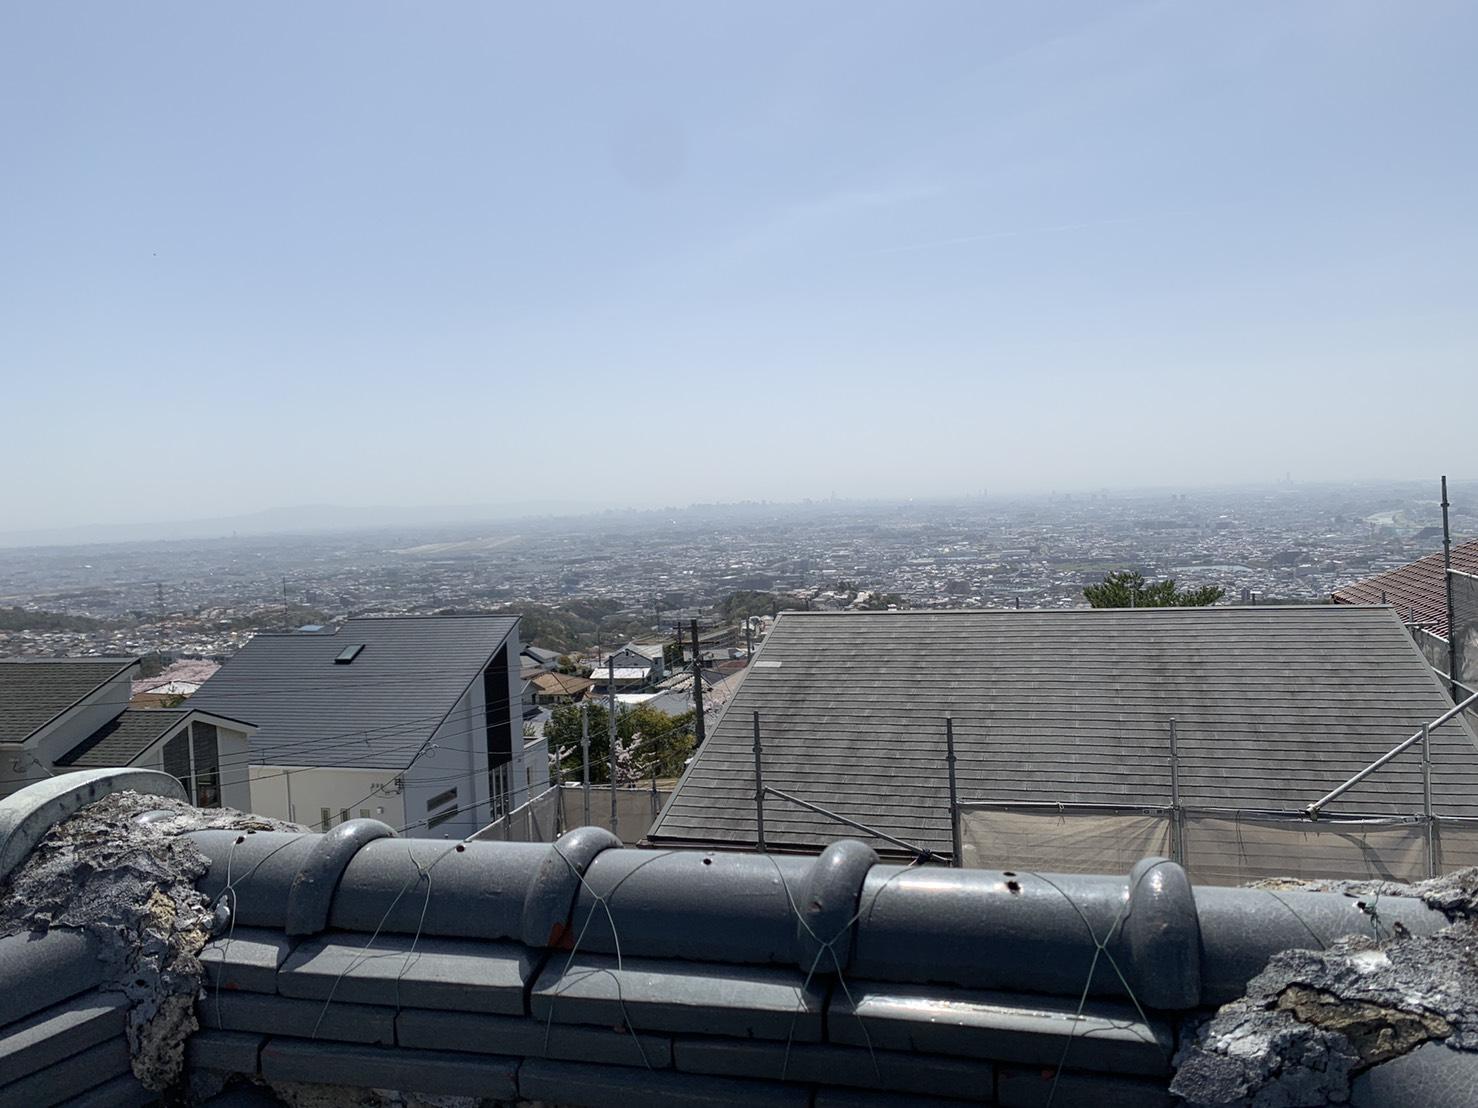 加古川市で瓦屋根無料点検を行ったお家の屋根から見た景色